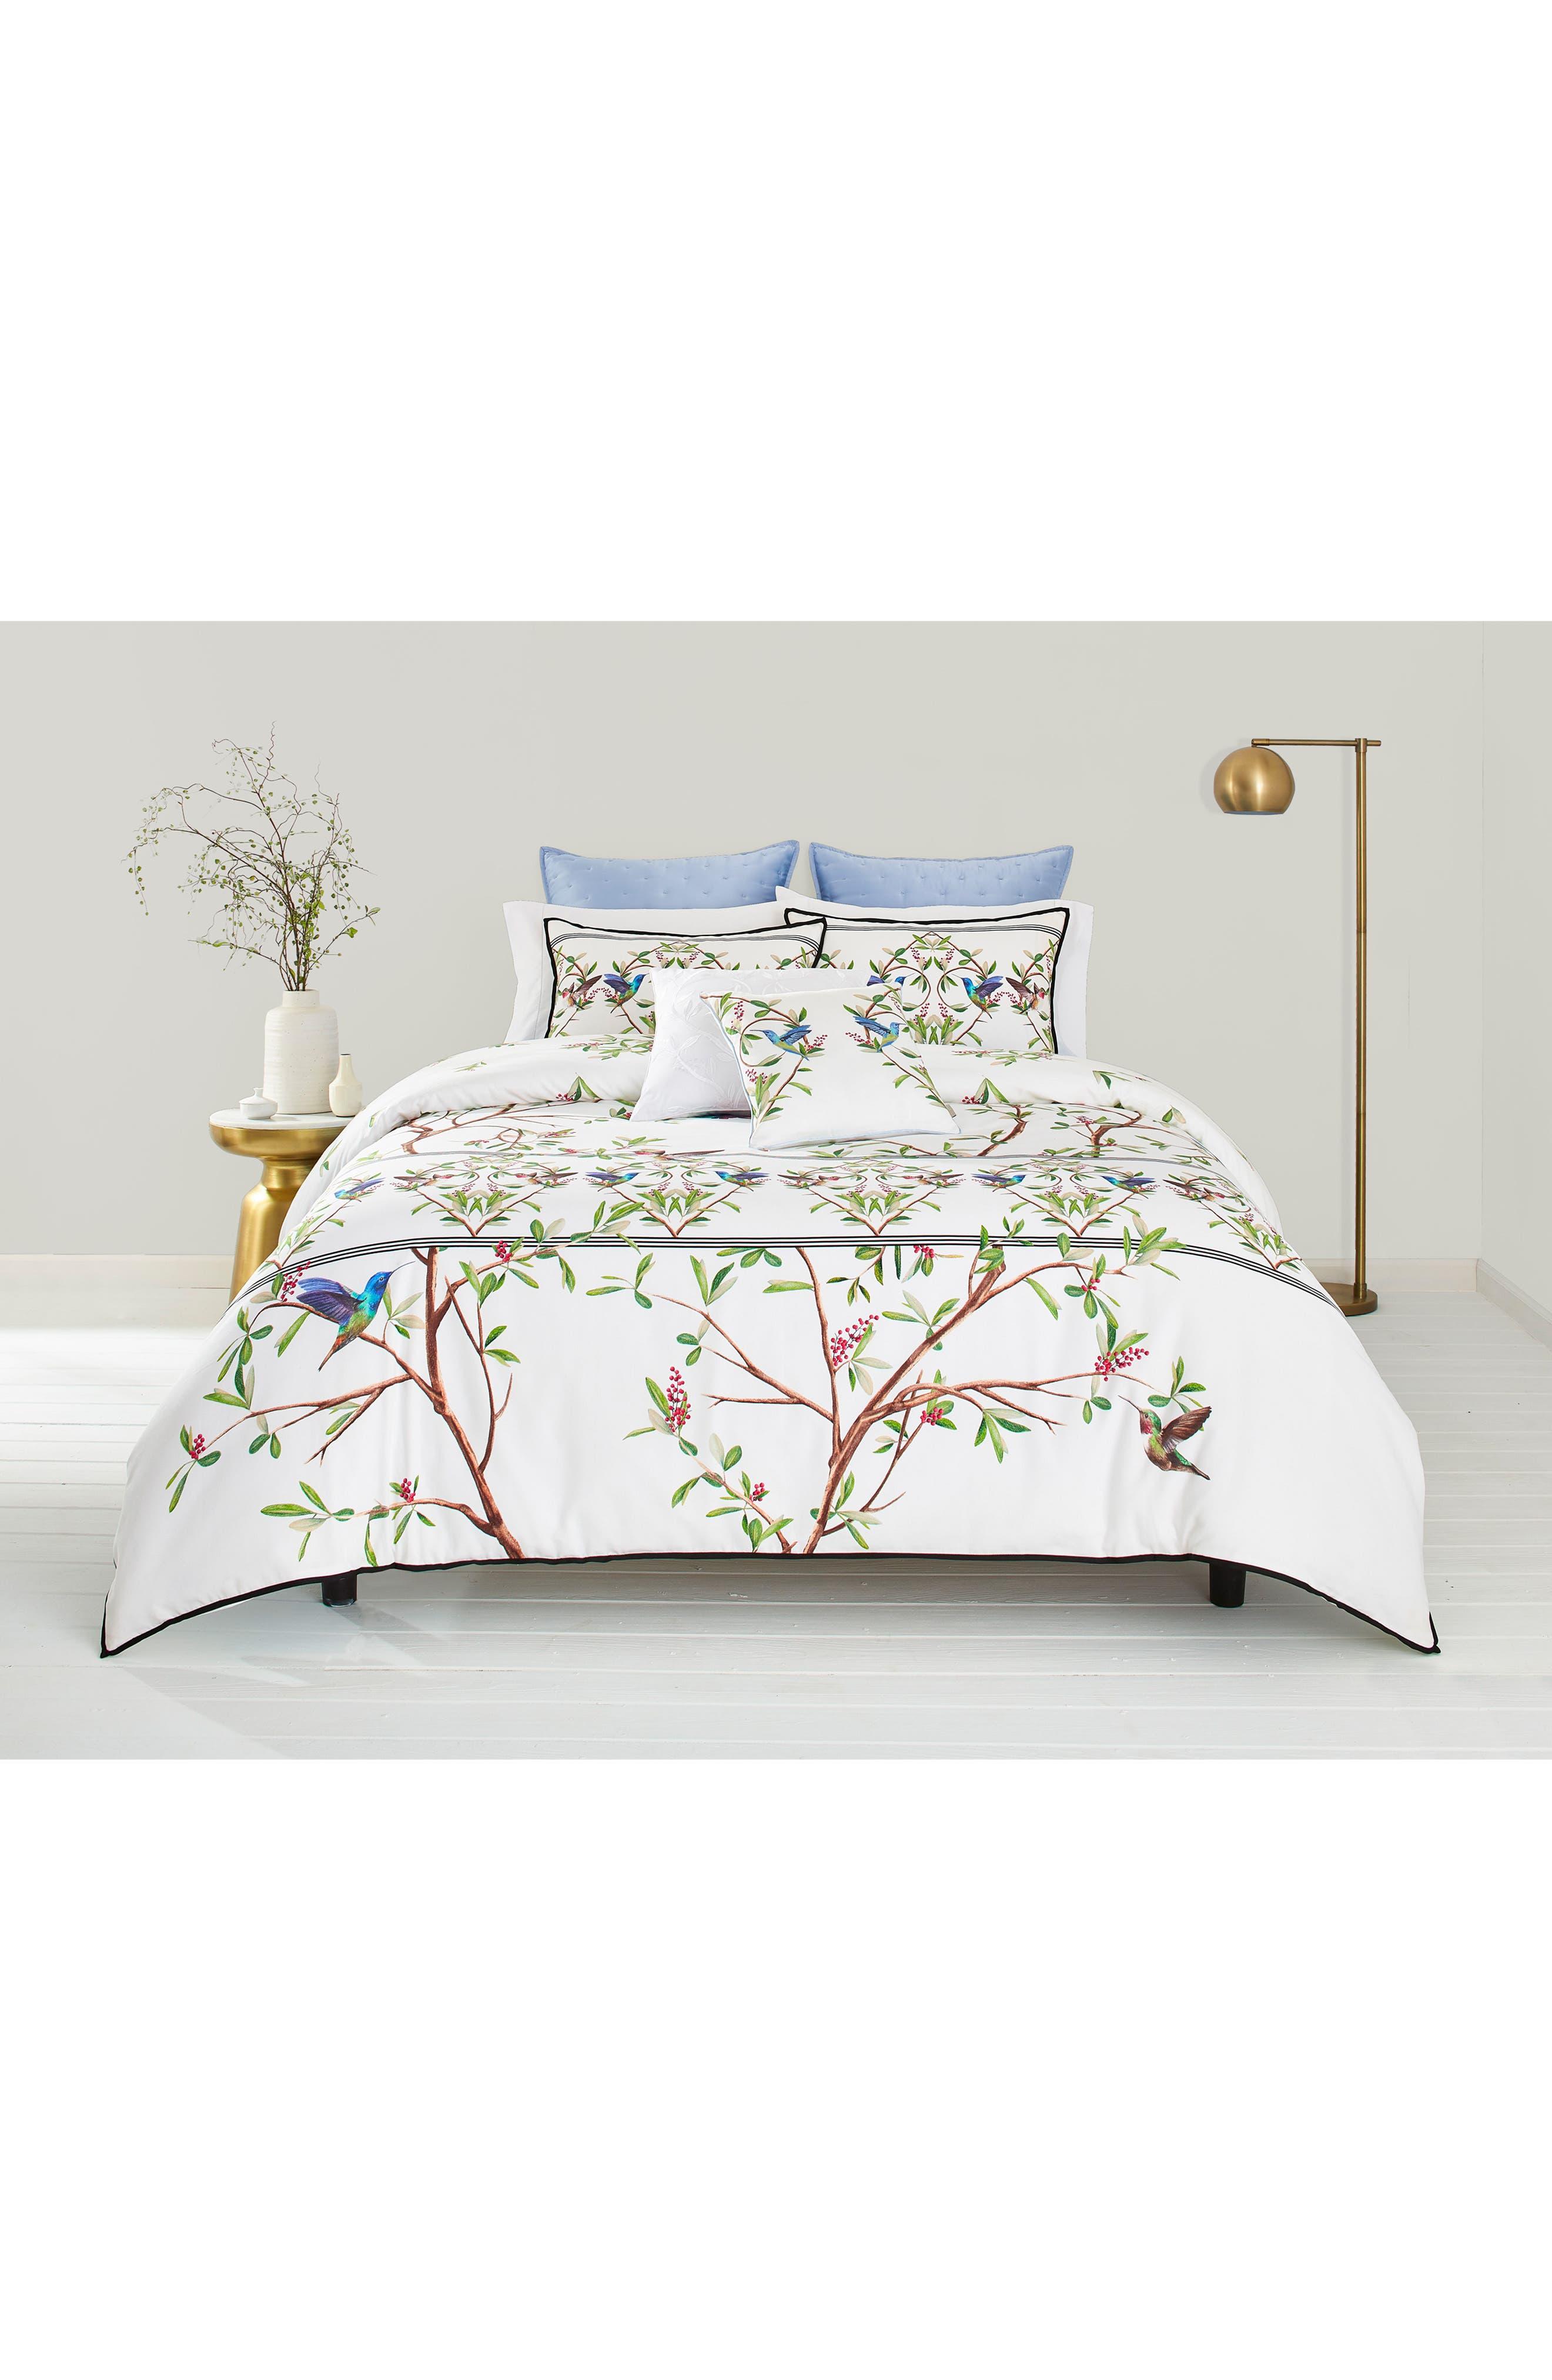 Highgrove Comforter & Sham Set,                             Main thumbnail 1, color,                             WHITE/ MULTI